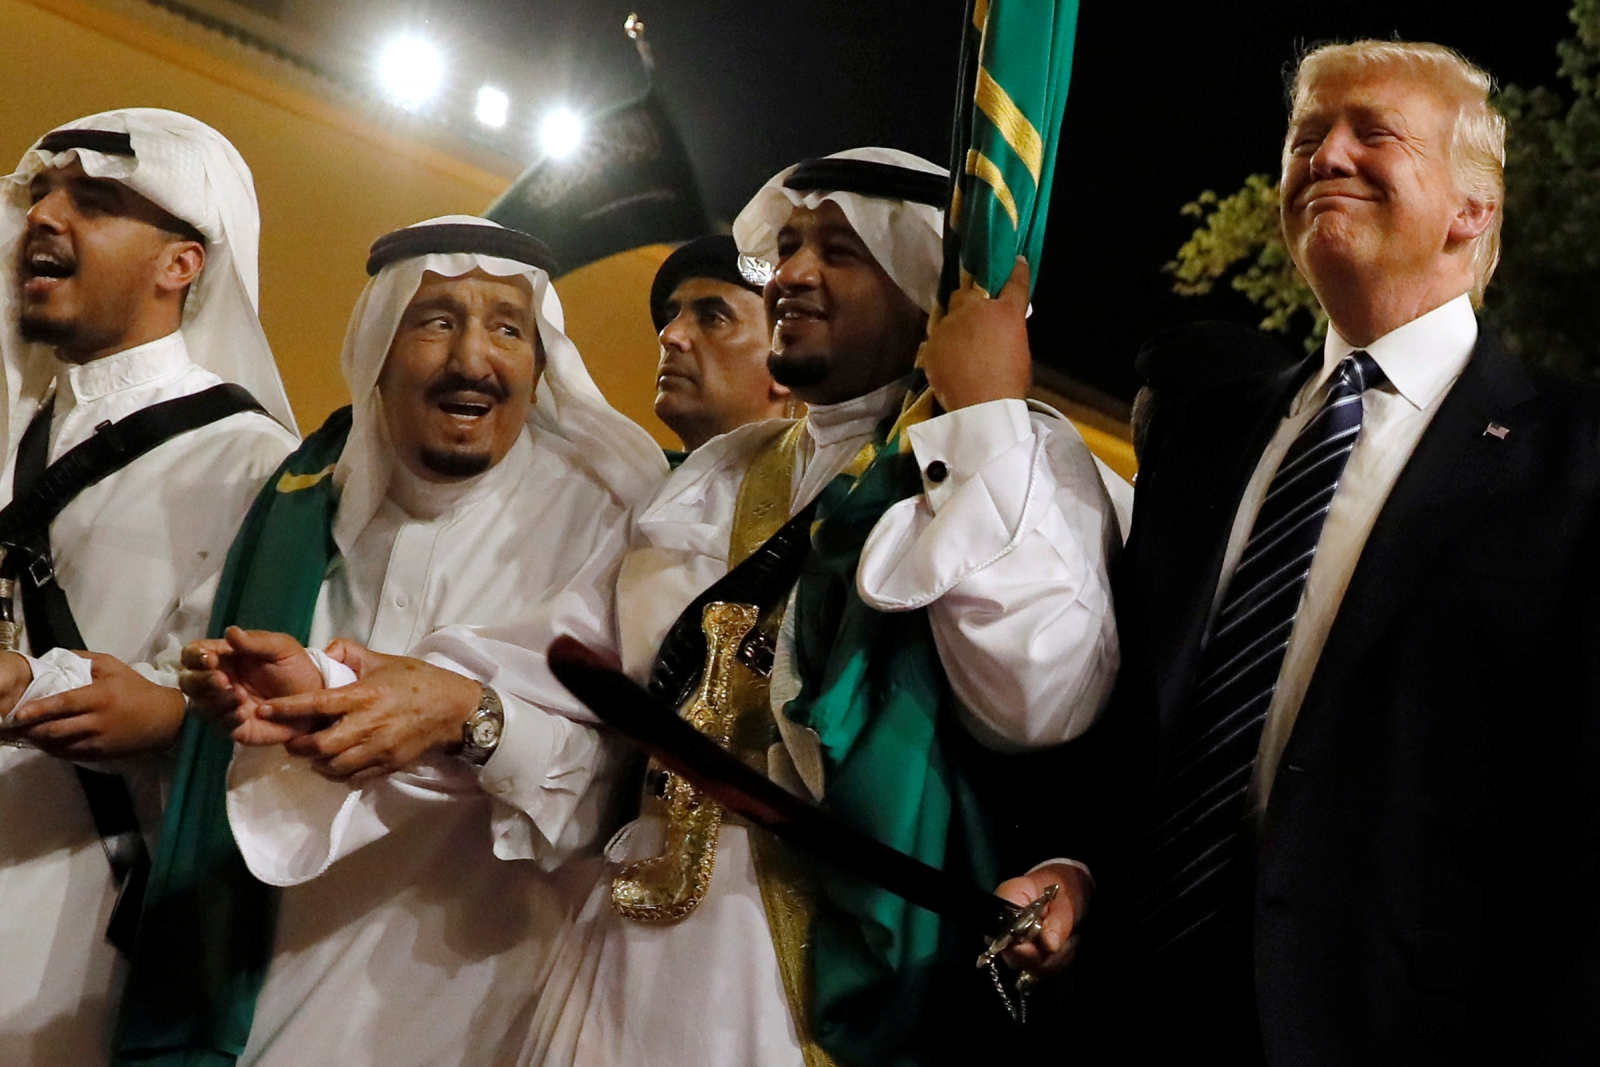 Trump sword dance